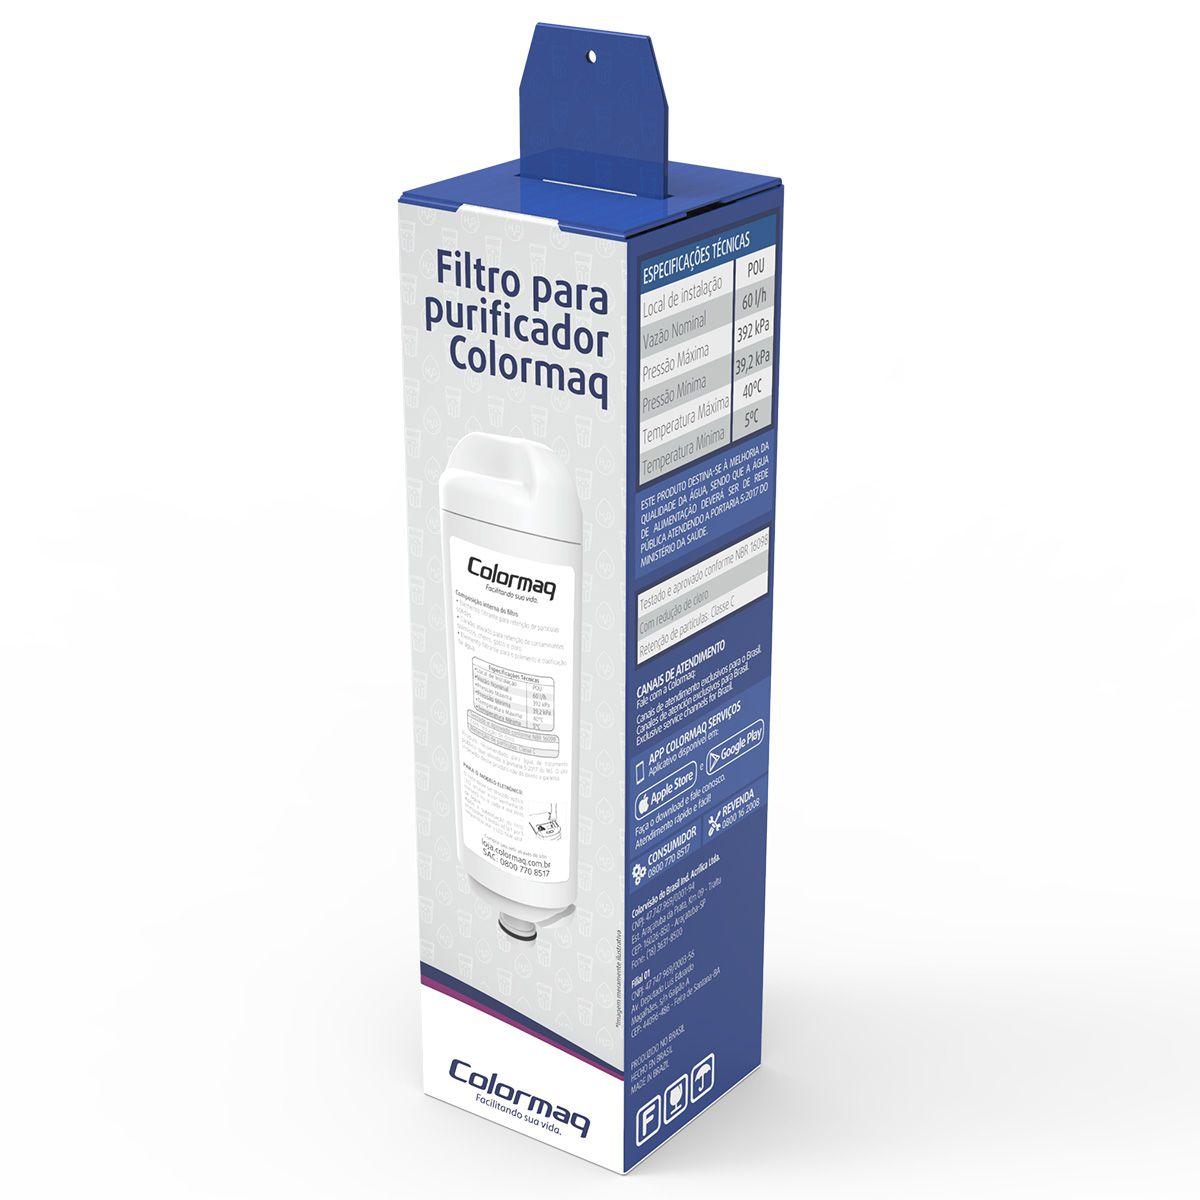 Kit 2 Refil Filtro Para Purificador Colormaq Acqua Eletronico e Compressor Original  - SUPERFILTER